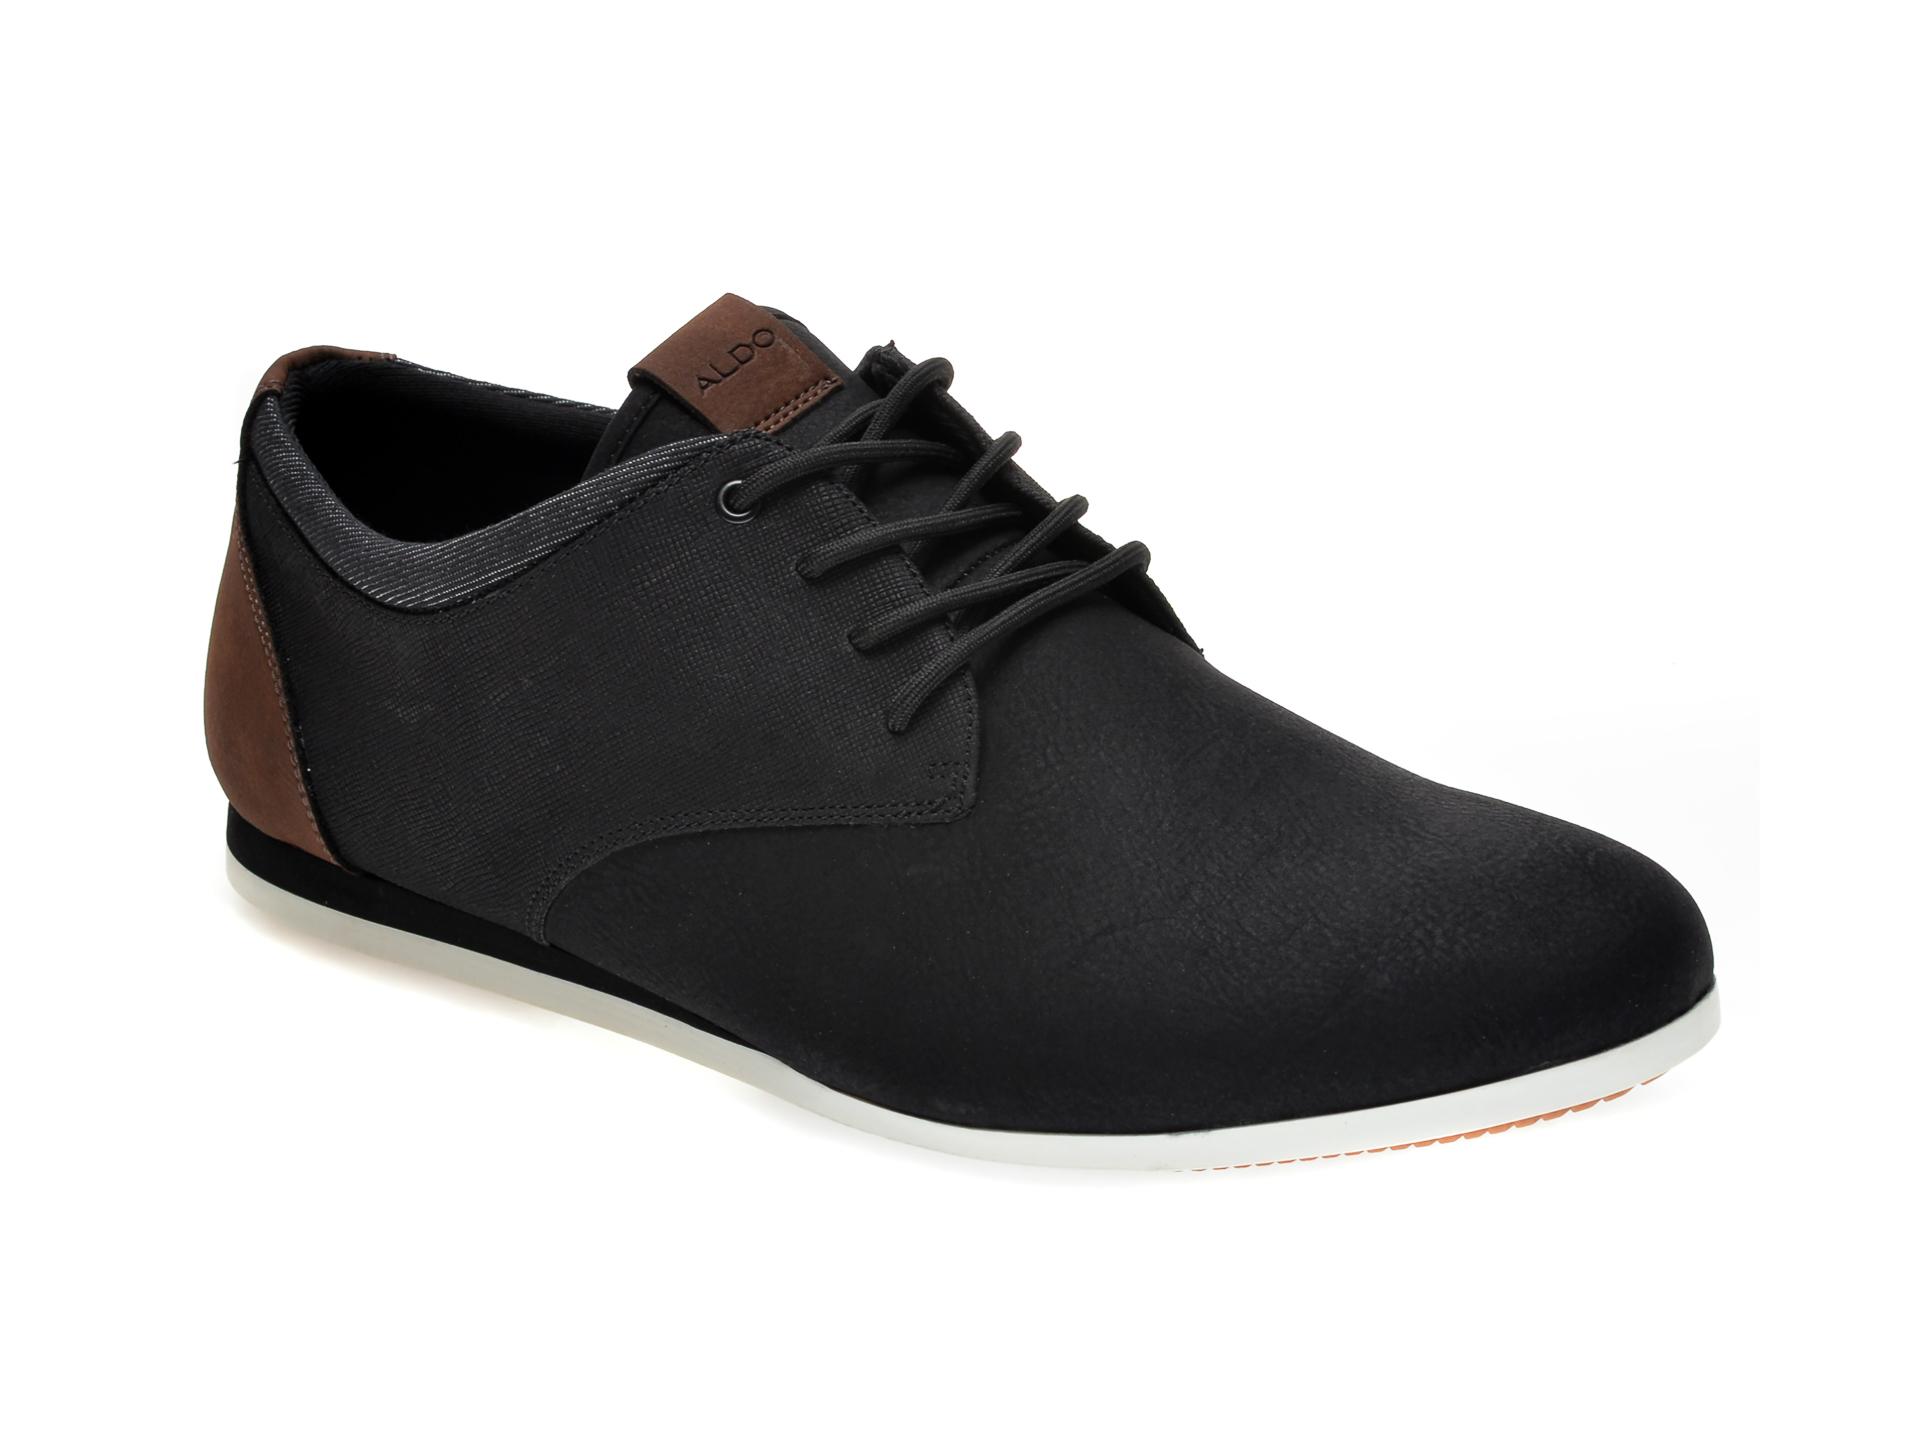 Pantofi ALDO negri, Aauwen-R007, din piele ecologica imagine